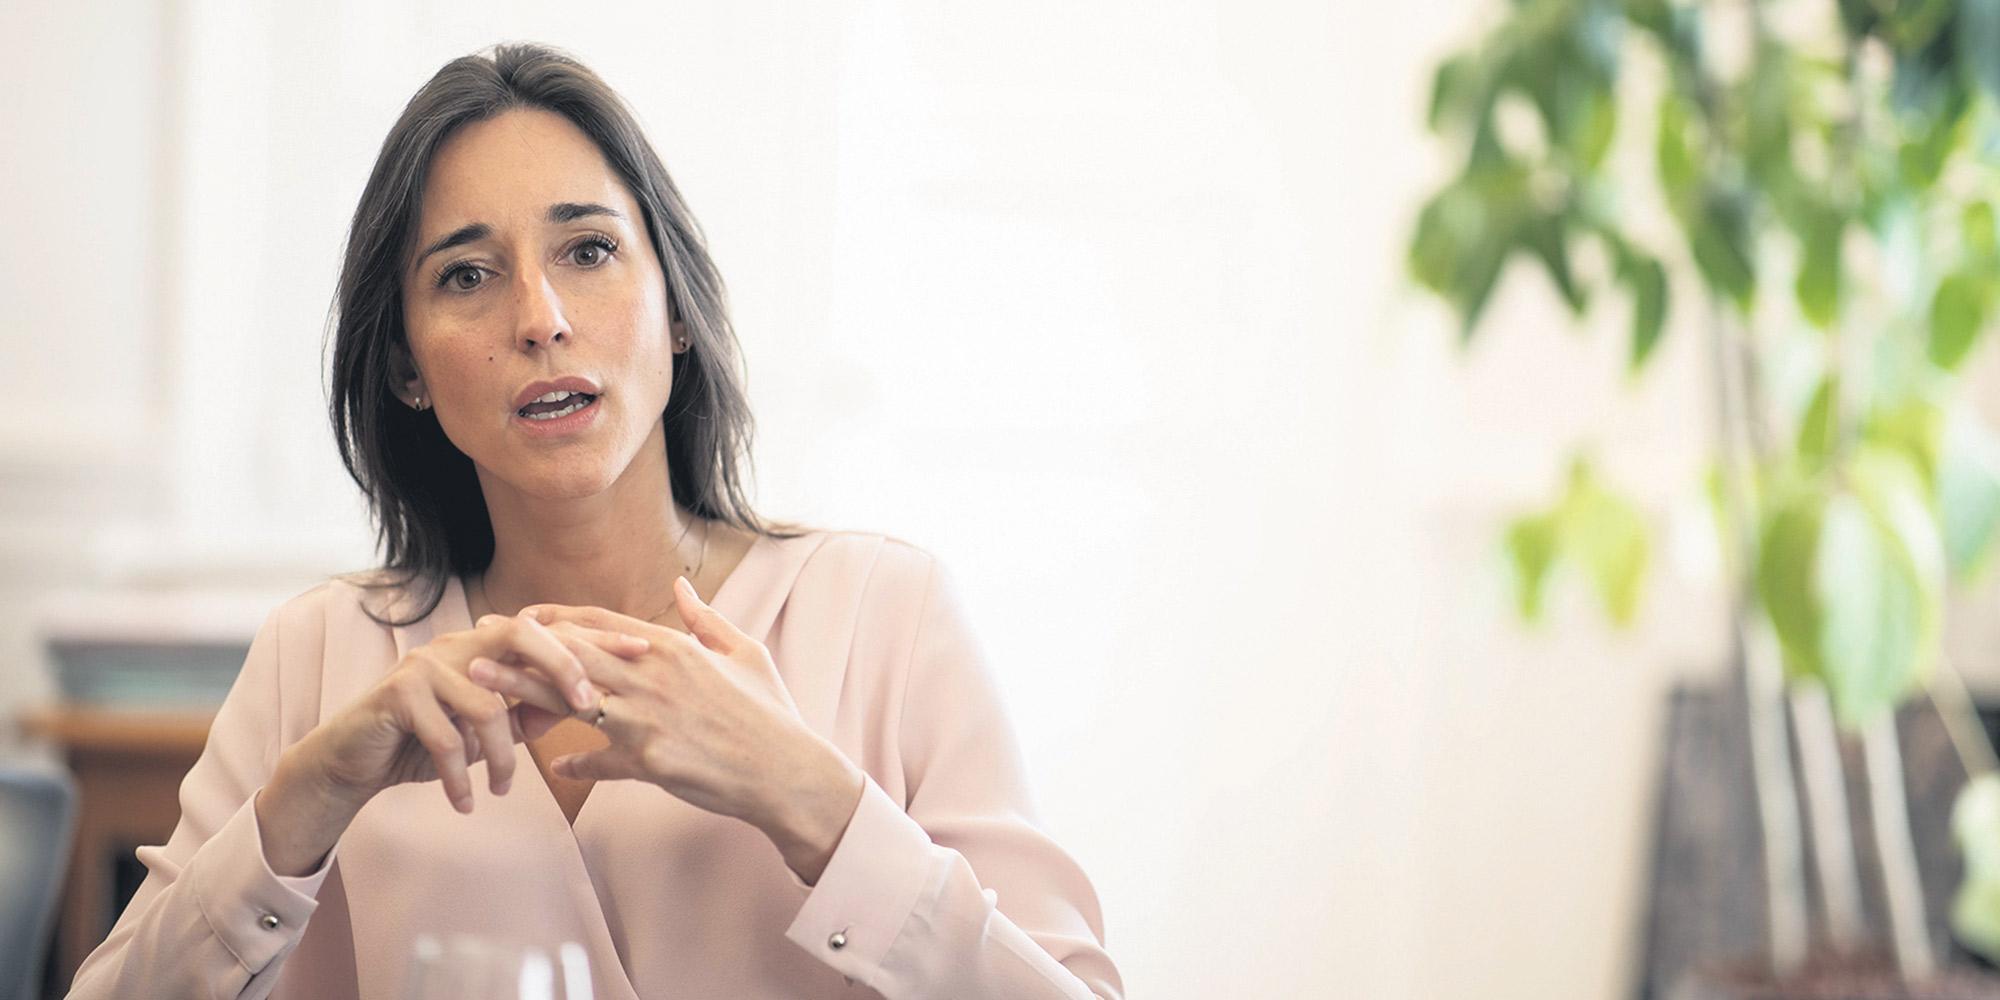 Brune Poirson La Ministre Qui A Trouve Sa Place